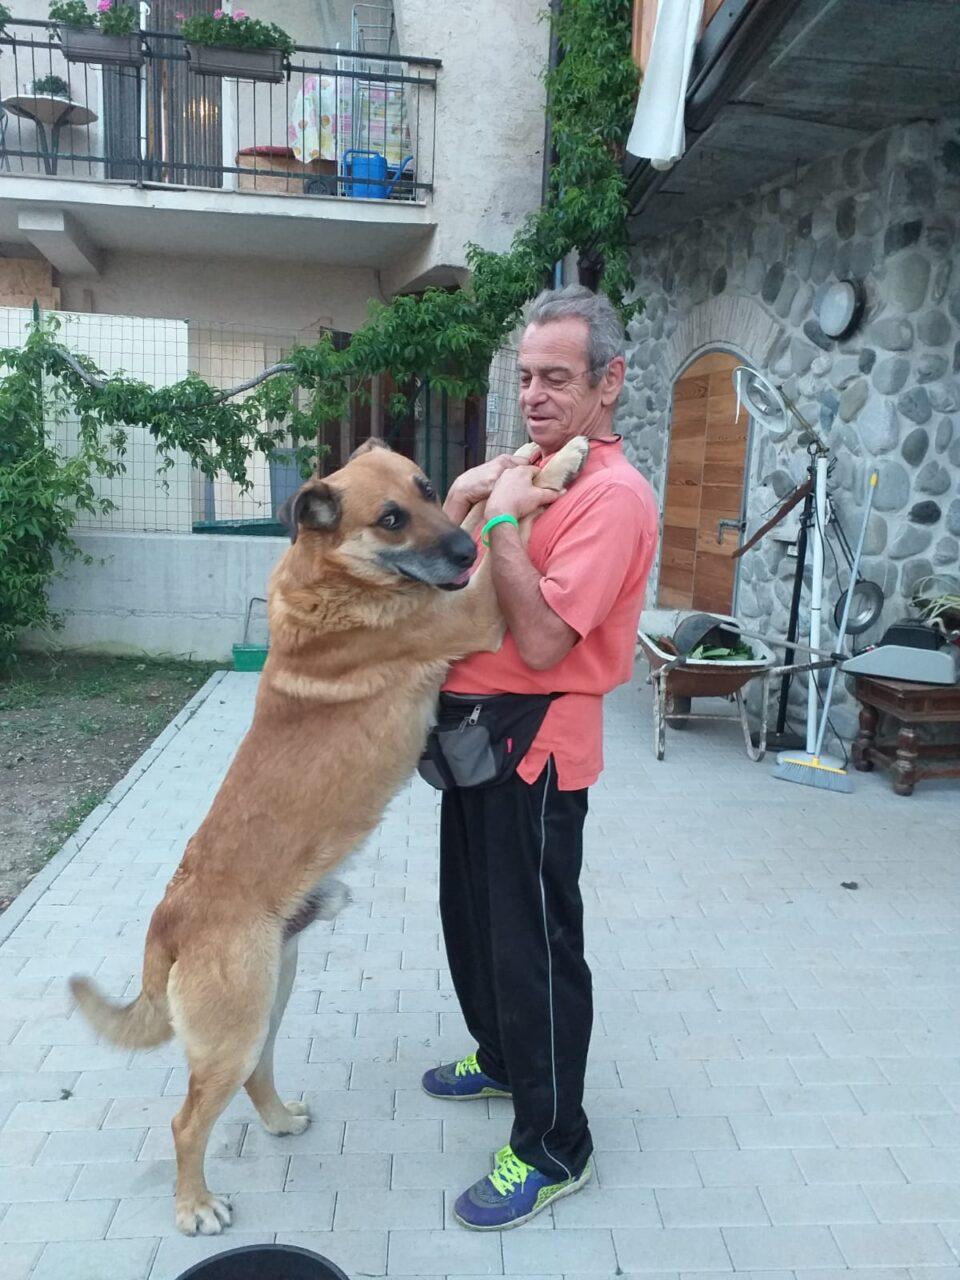 luCKY - Cani maltrattati, solo 2 sequestri su 85 segnalazioni (L'Adige) - blog-